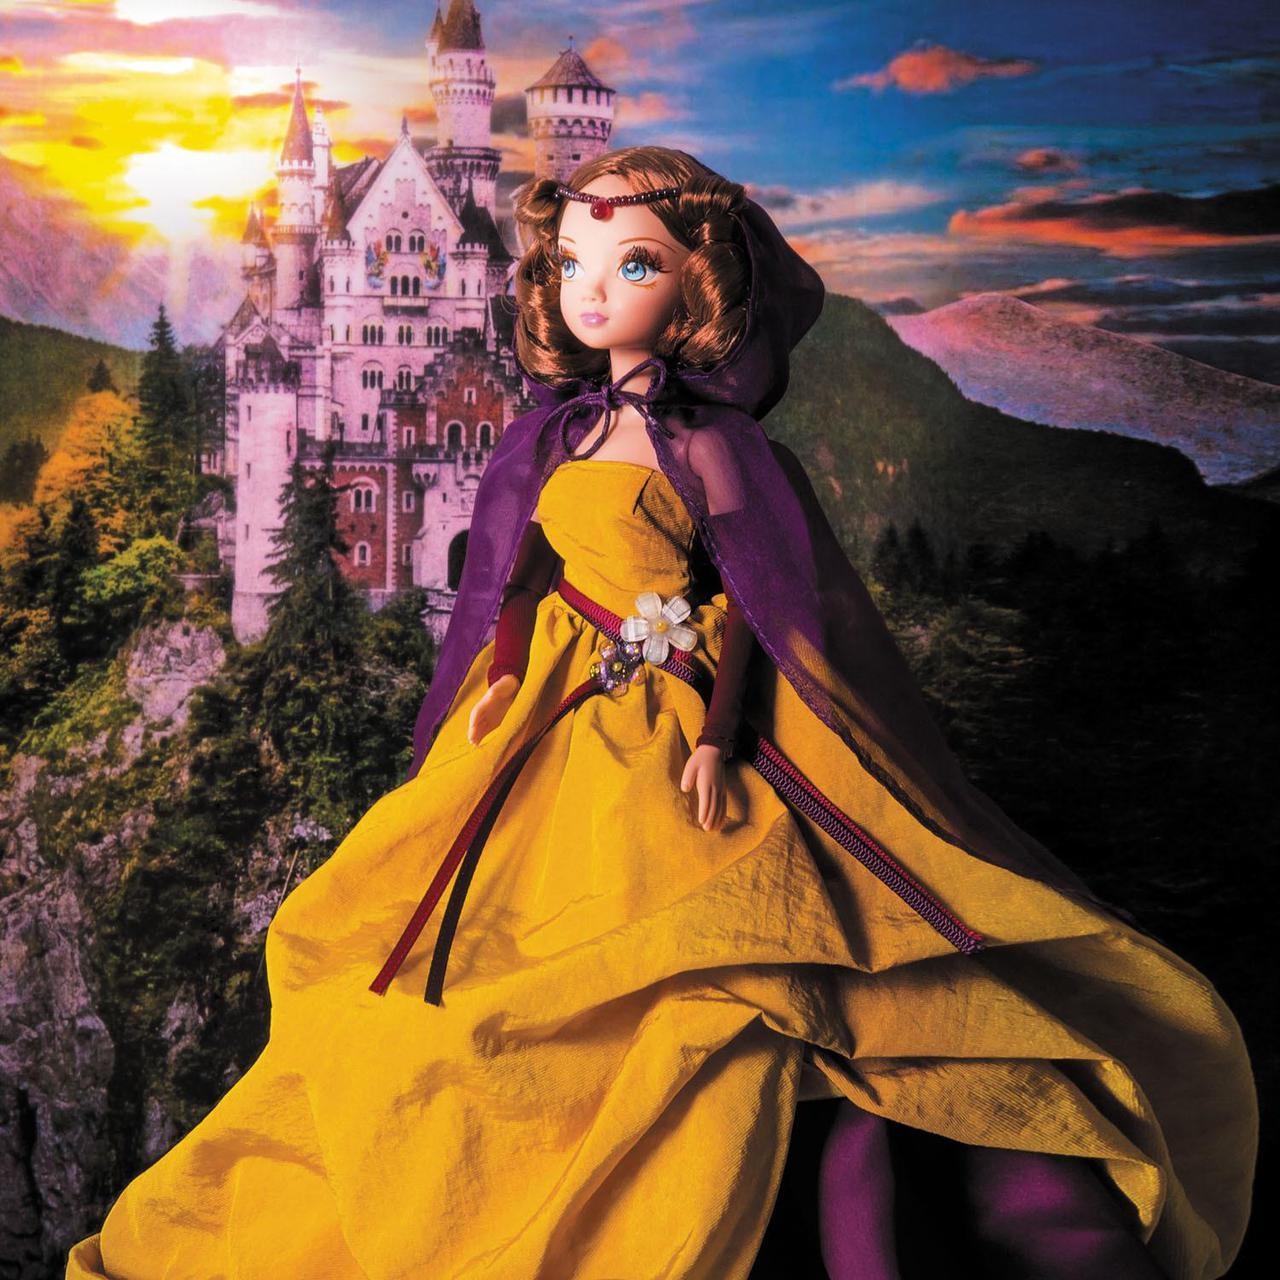 """Кукла Sonya Rose, серия """"Gold collection"""" платье Эльза (Gulliver, Россия) - фото 1"""